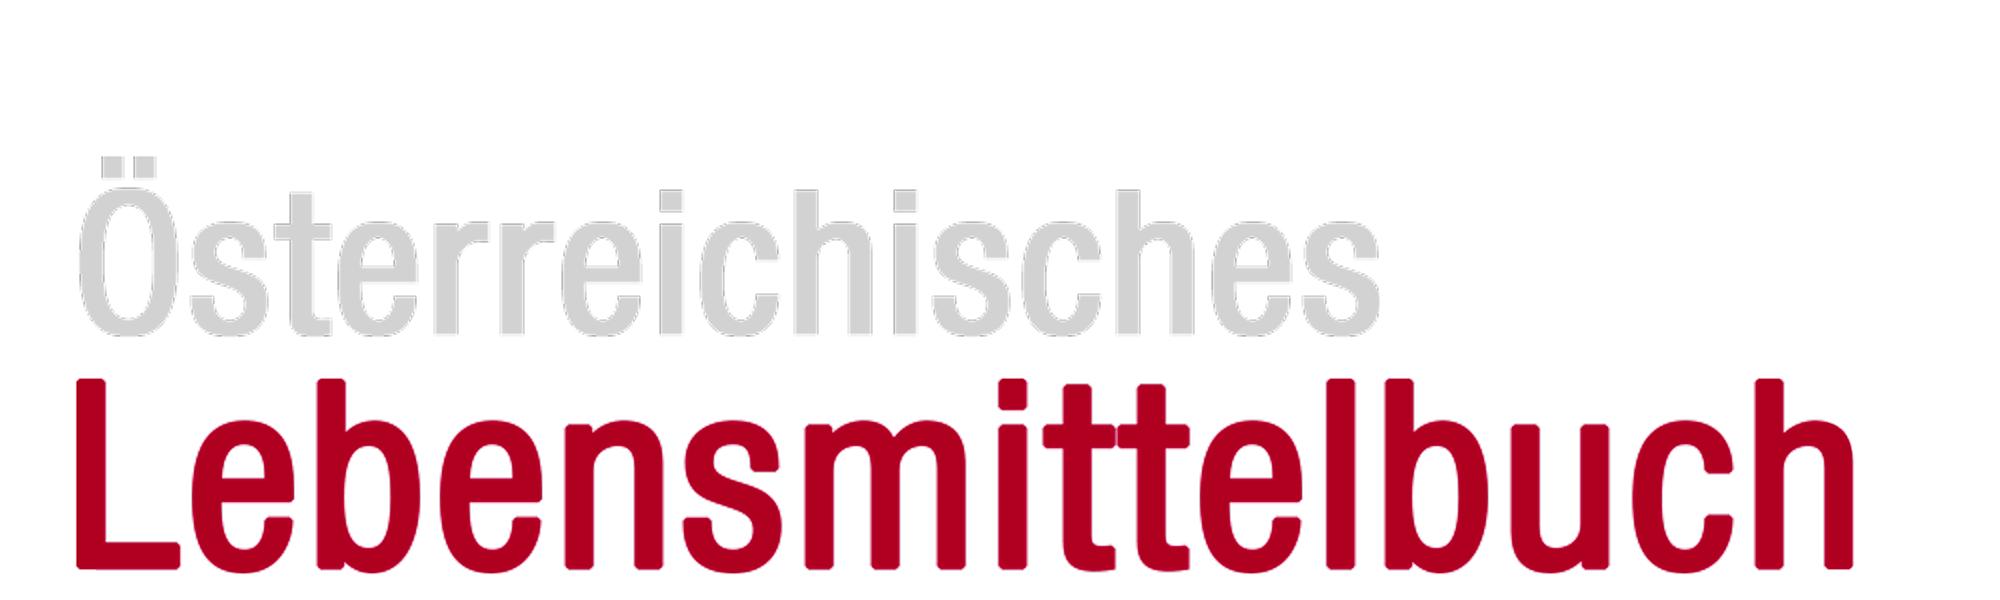 Österreichisches Lebensmittelbuch